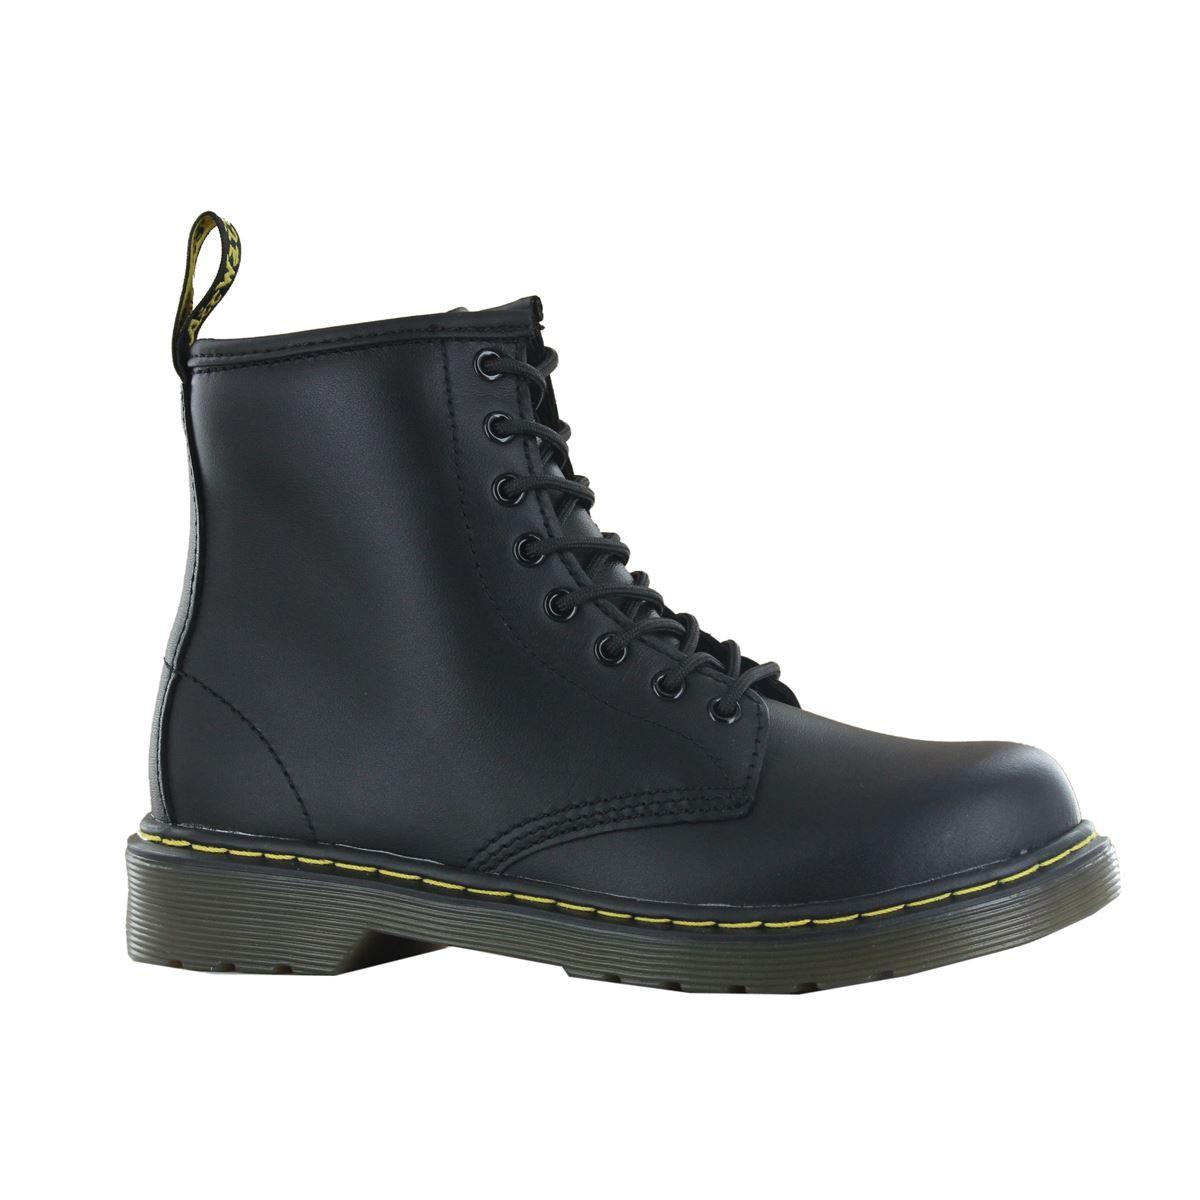 dr martens delaney black leather boots ebay